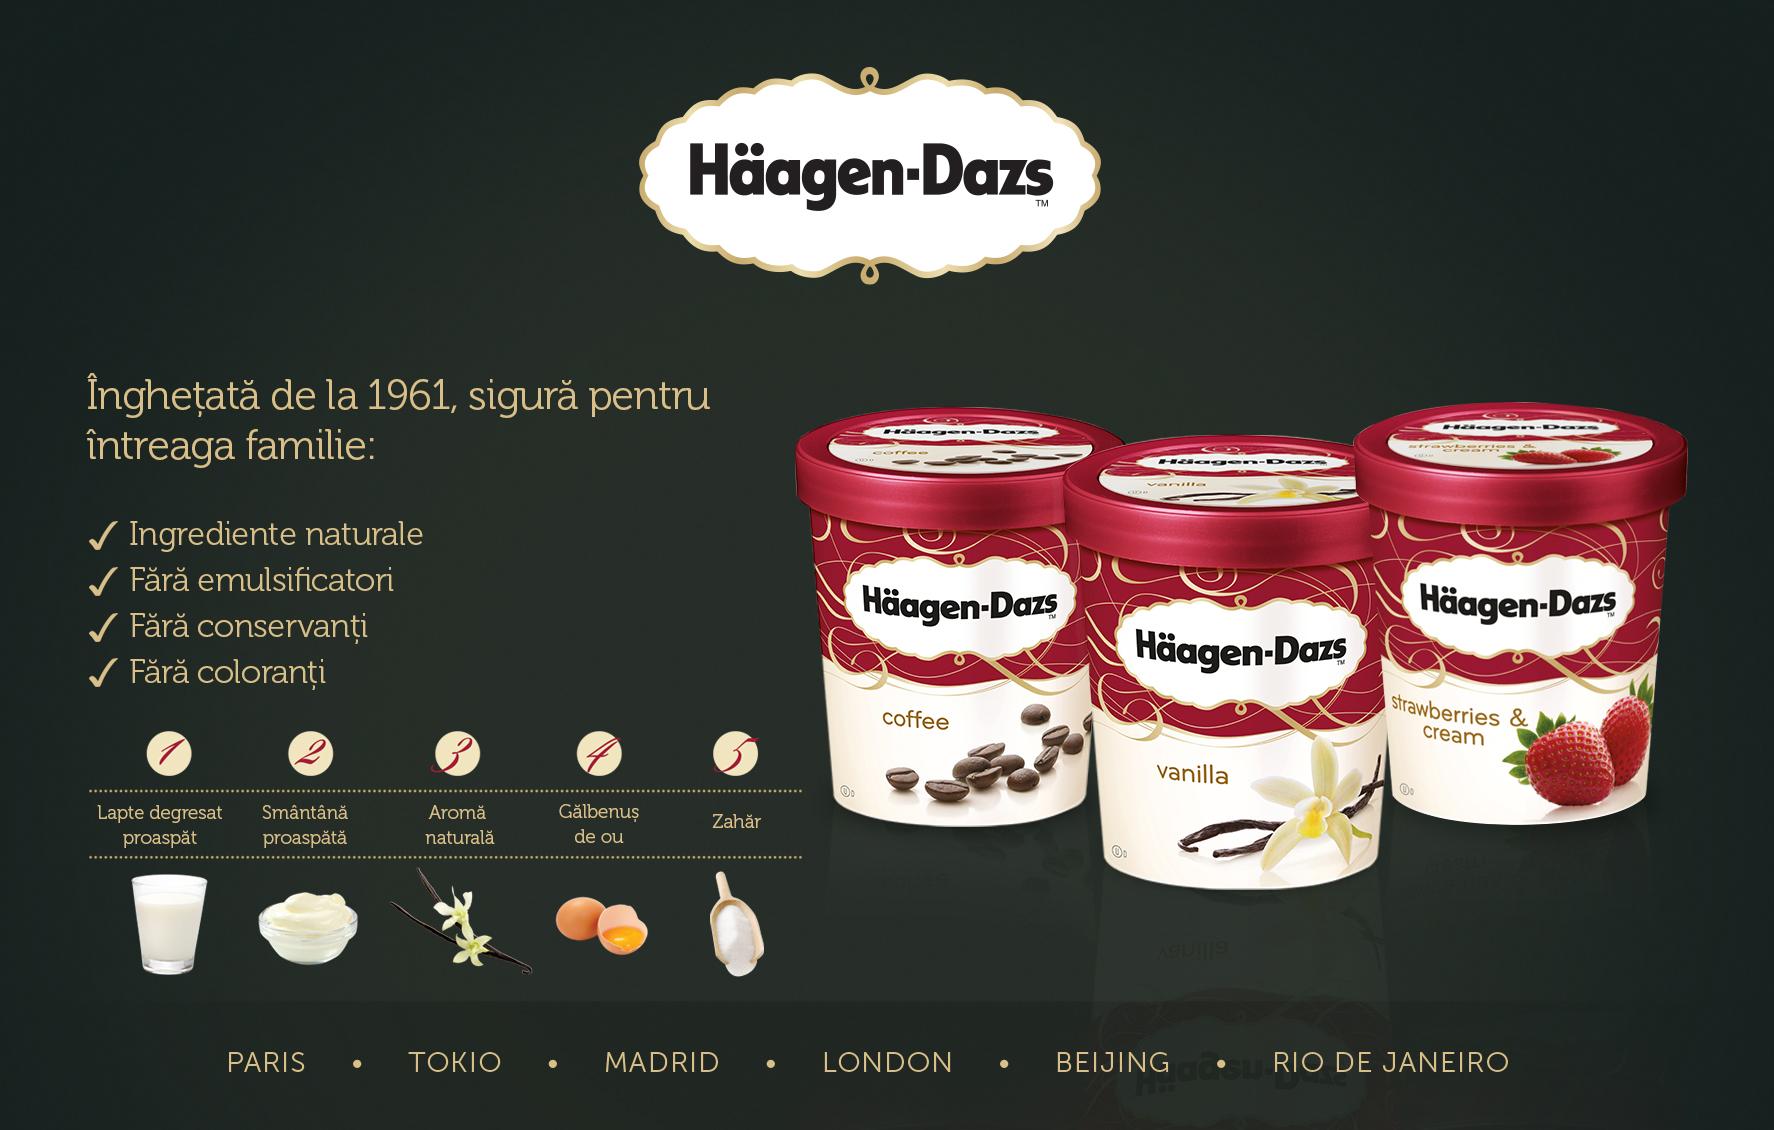 Häagen Dazs – inghetata naturala sigura, fara emulsificatori, conservanti si coloranti